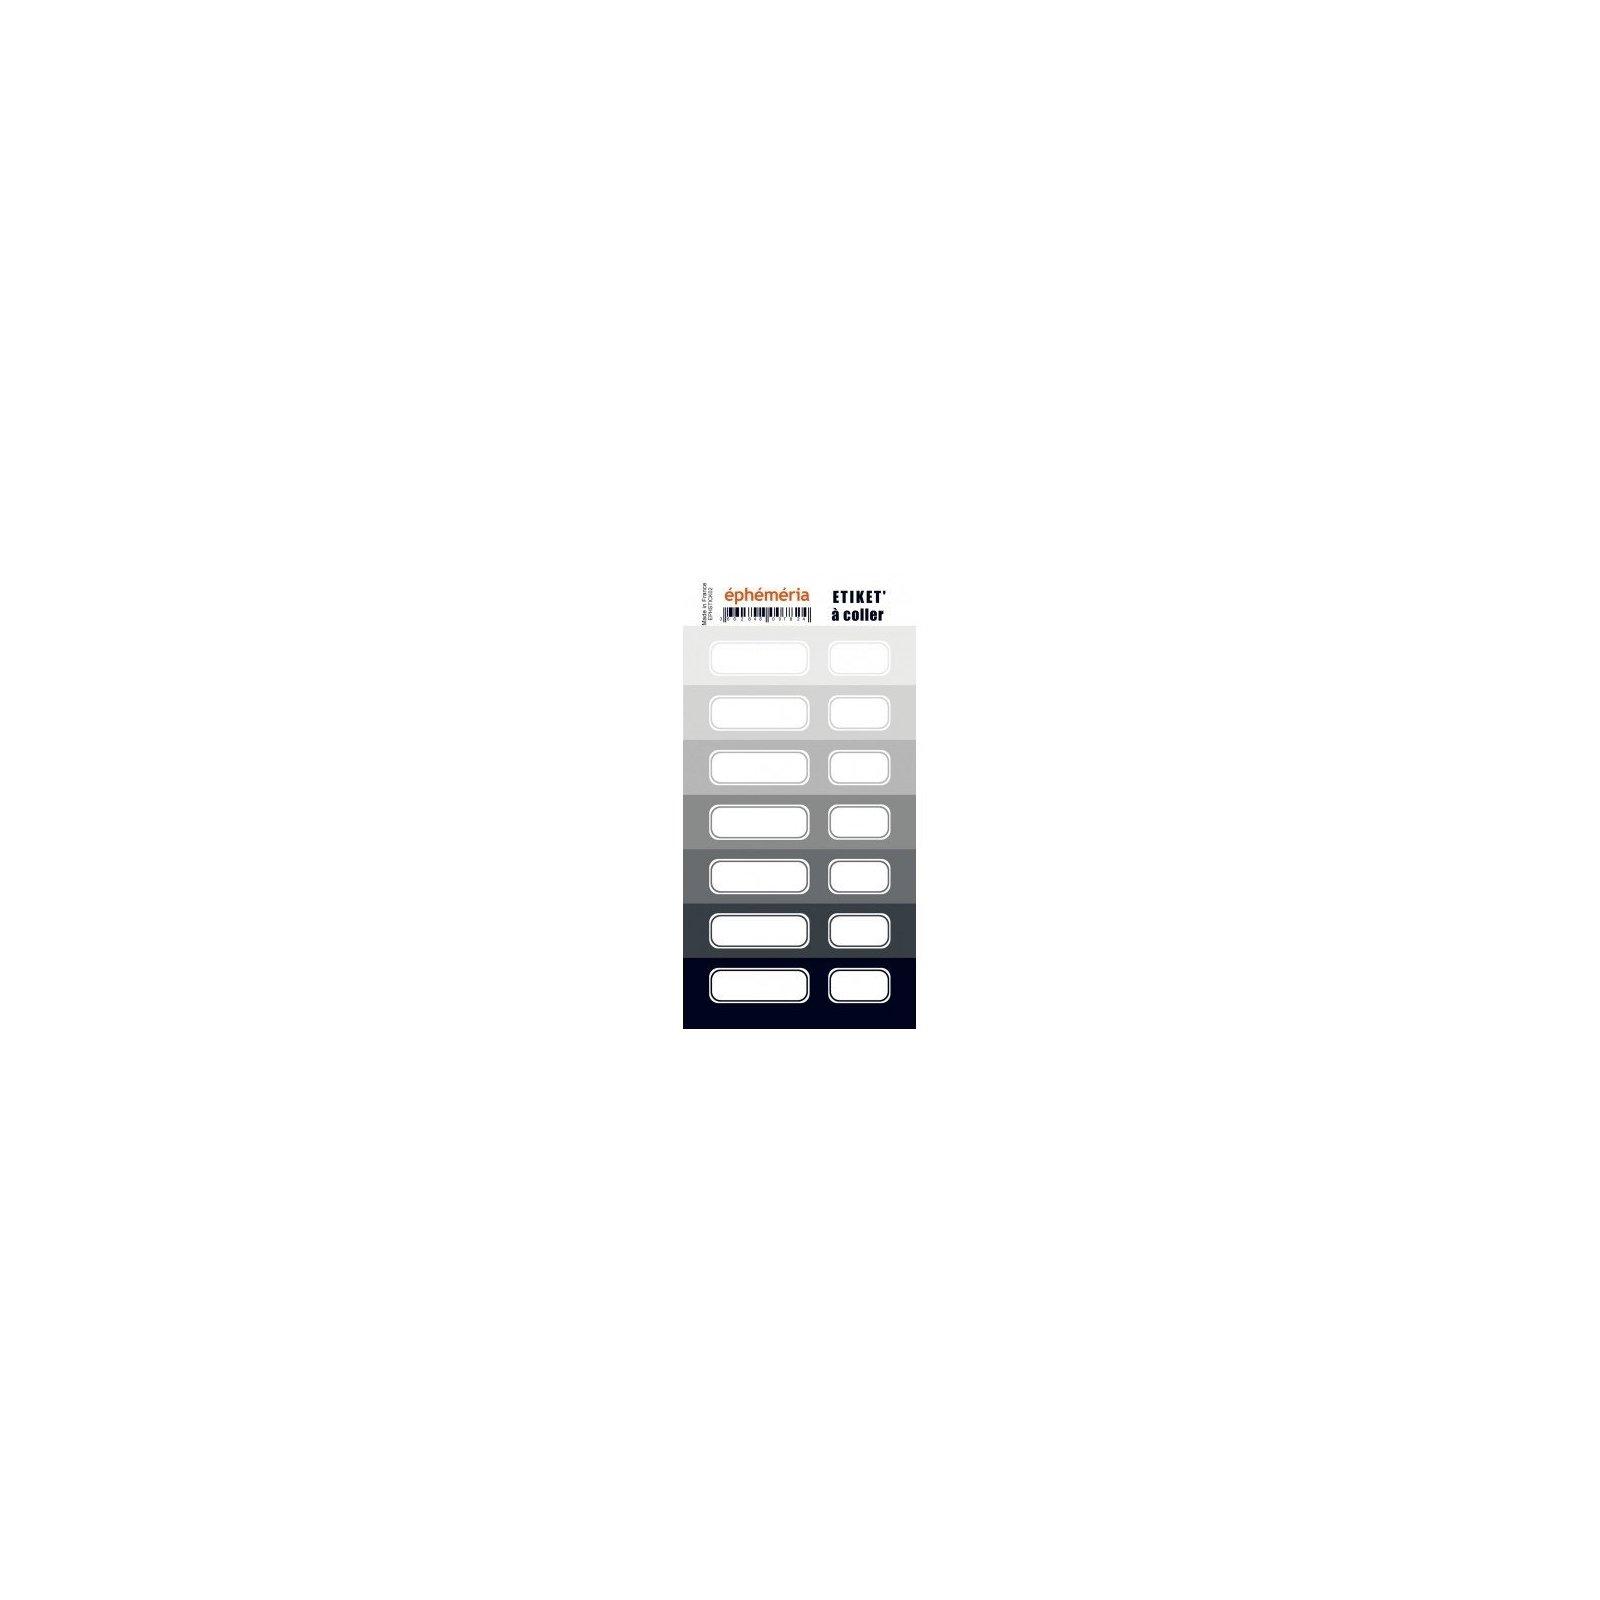 Planche d'étiquettes auto-collantes grises - Ephemeria